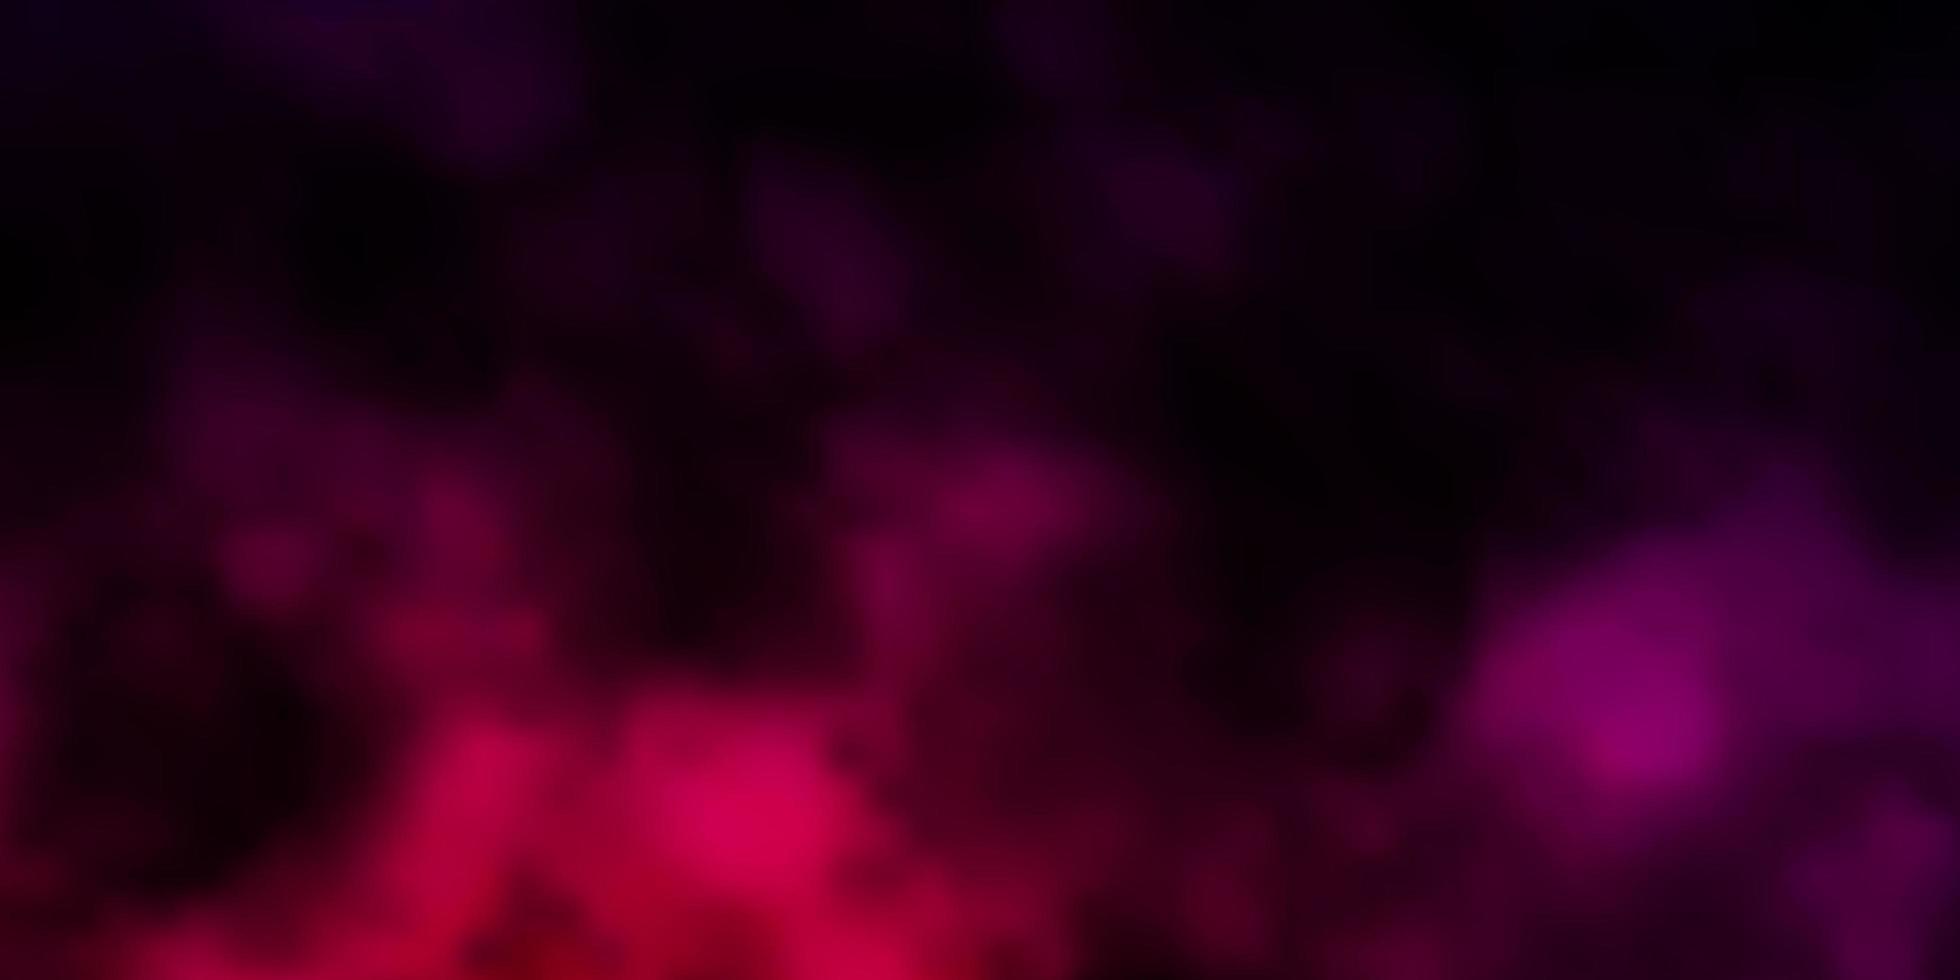 mörk lila vektor bakgrund med moln.